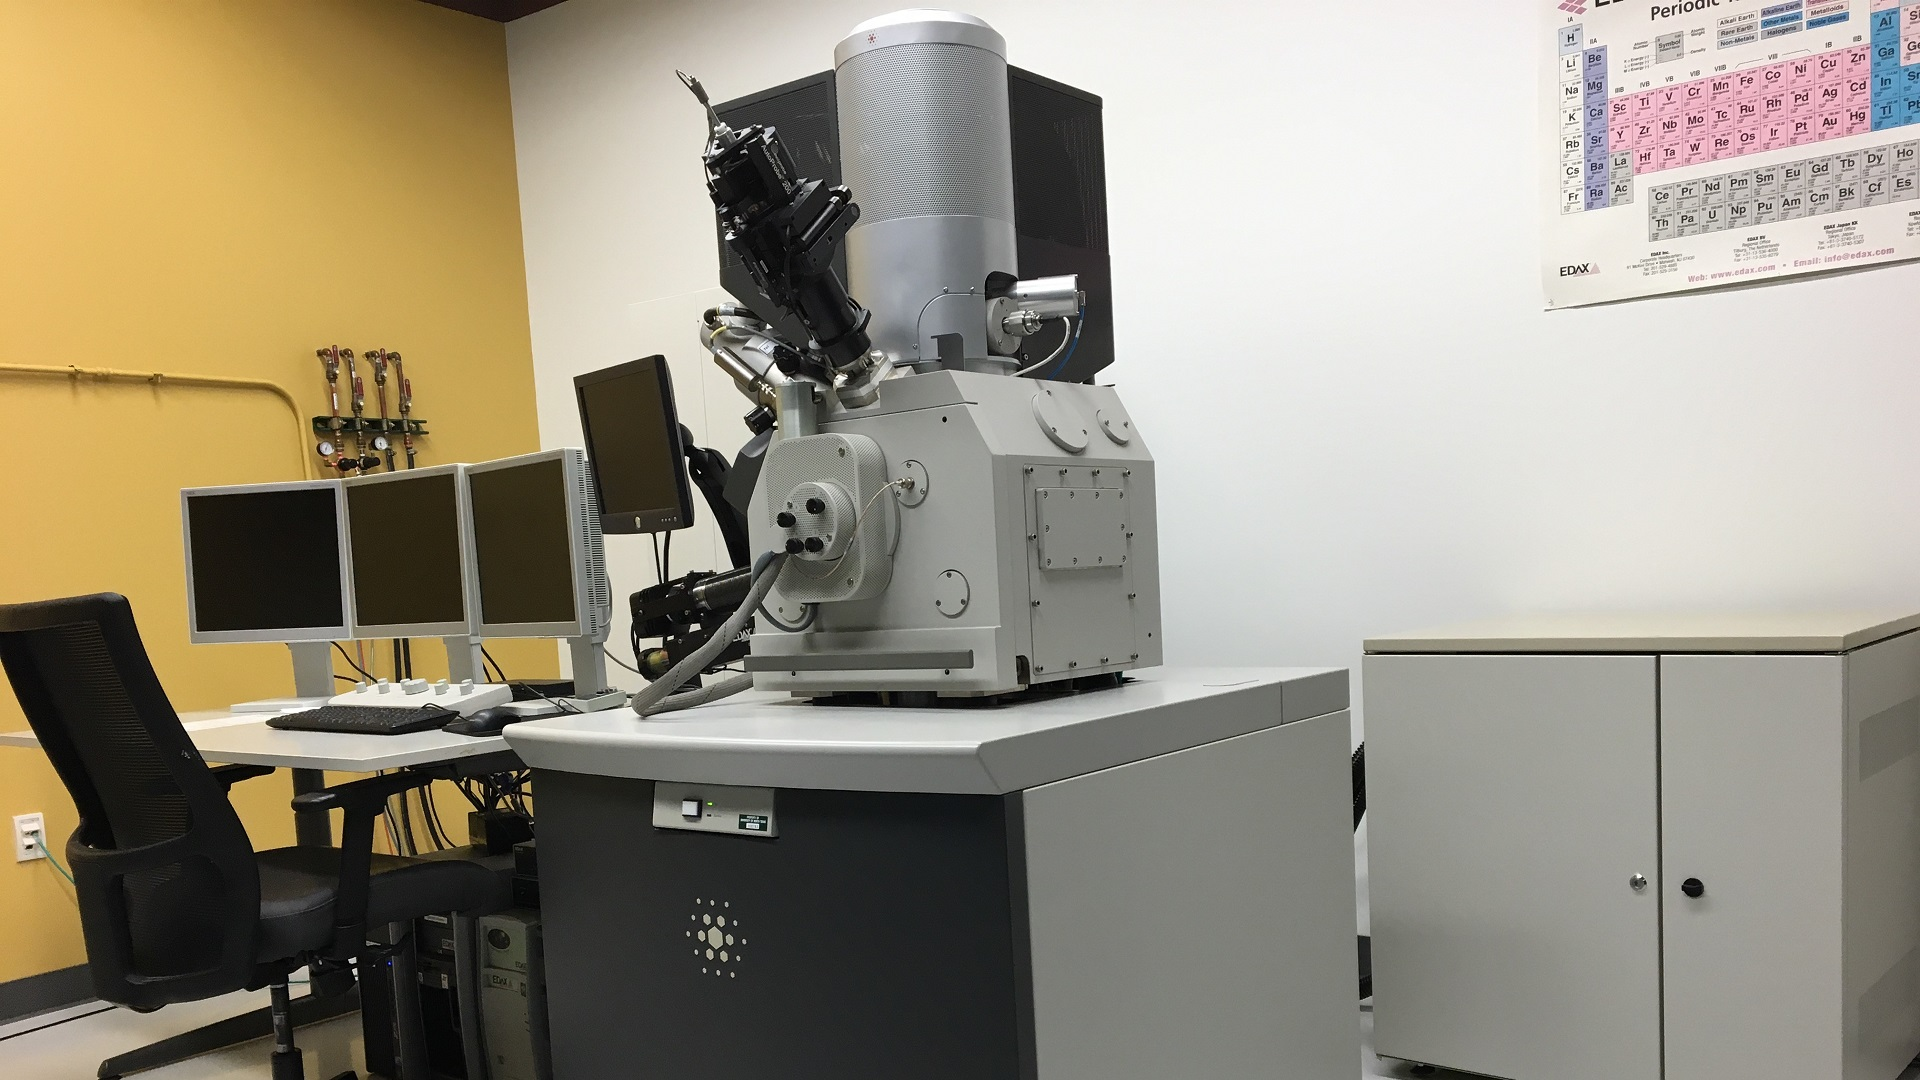 FEI Nova NanoLab 200 FIB/SEM